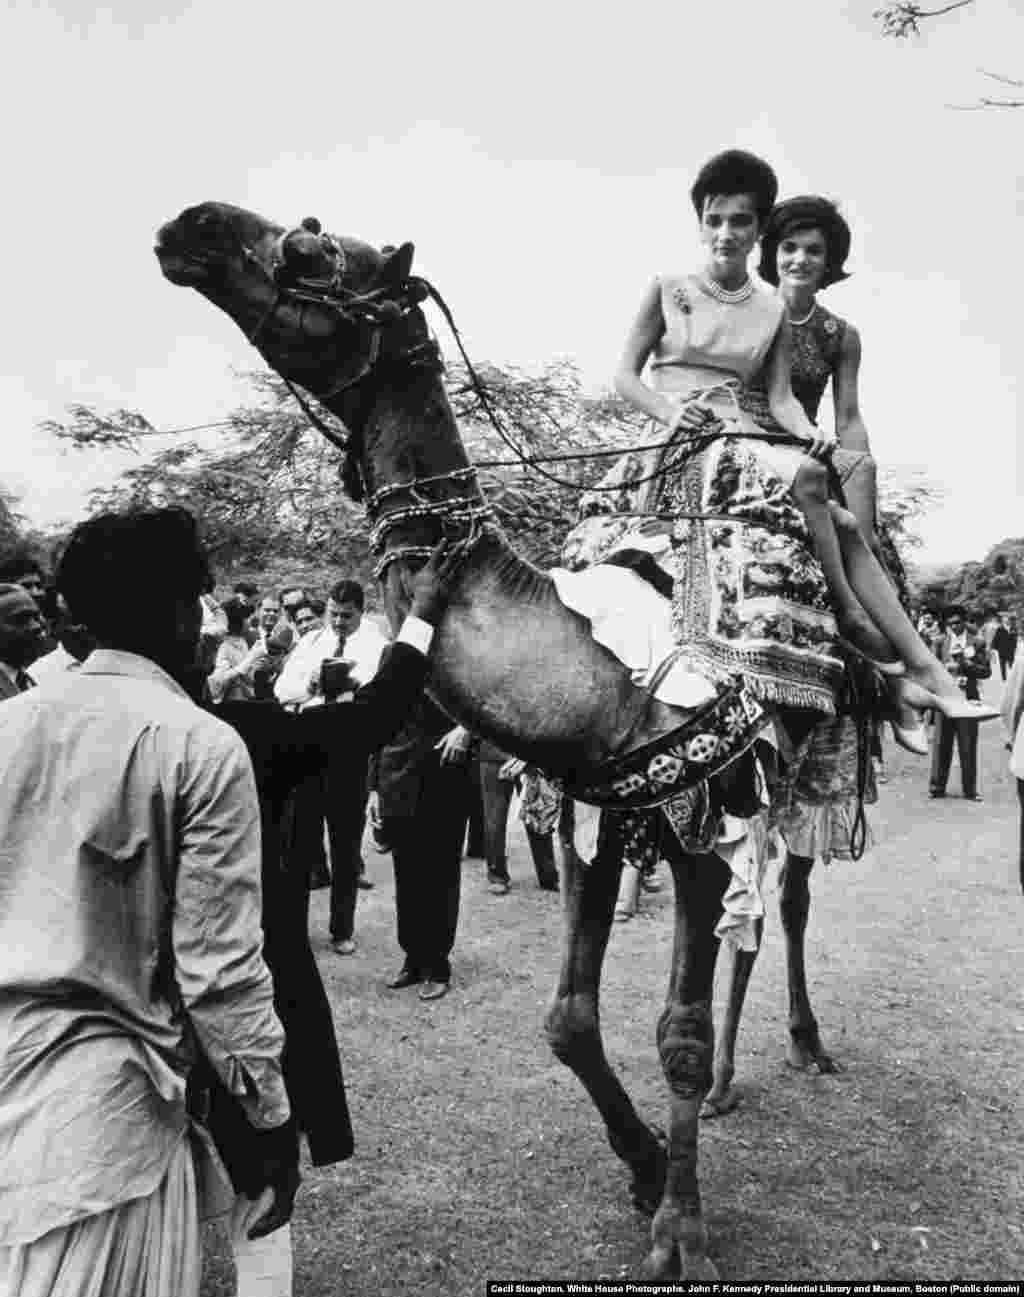 Жаклин Кеннеди (справа) и Ли Радзивилл верхом на верблюде Ахмада. На видео, запечатлевшем момент, первая леди и ее сестра, сидя на лежащем верблюде, просят погонщика, чтобы верблюд встал на ноги. Резко взглянув на американок, Ахмад Башир приказал ревущему верблюду подняться, после чего сестры совершили небольшую прогулку верхом.